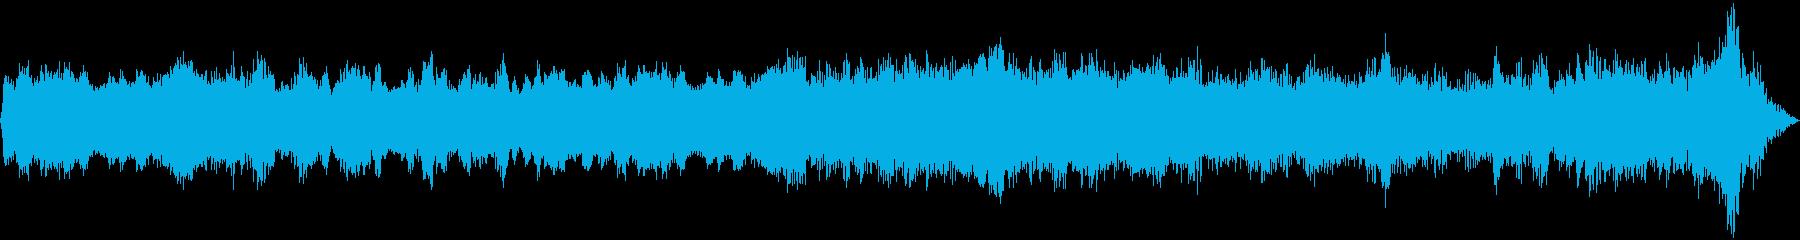 宇宙空間を漂う浮遊感のあるテクノポップの再生済みの波形